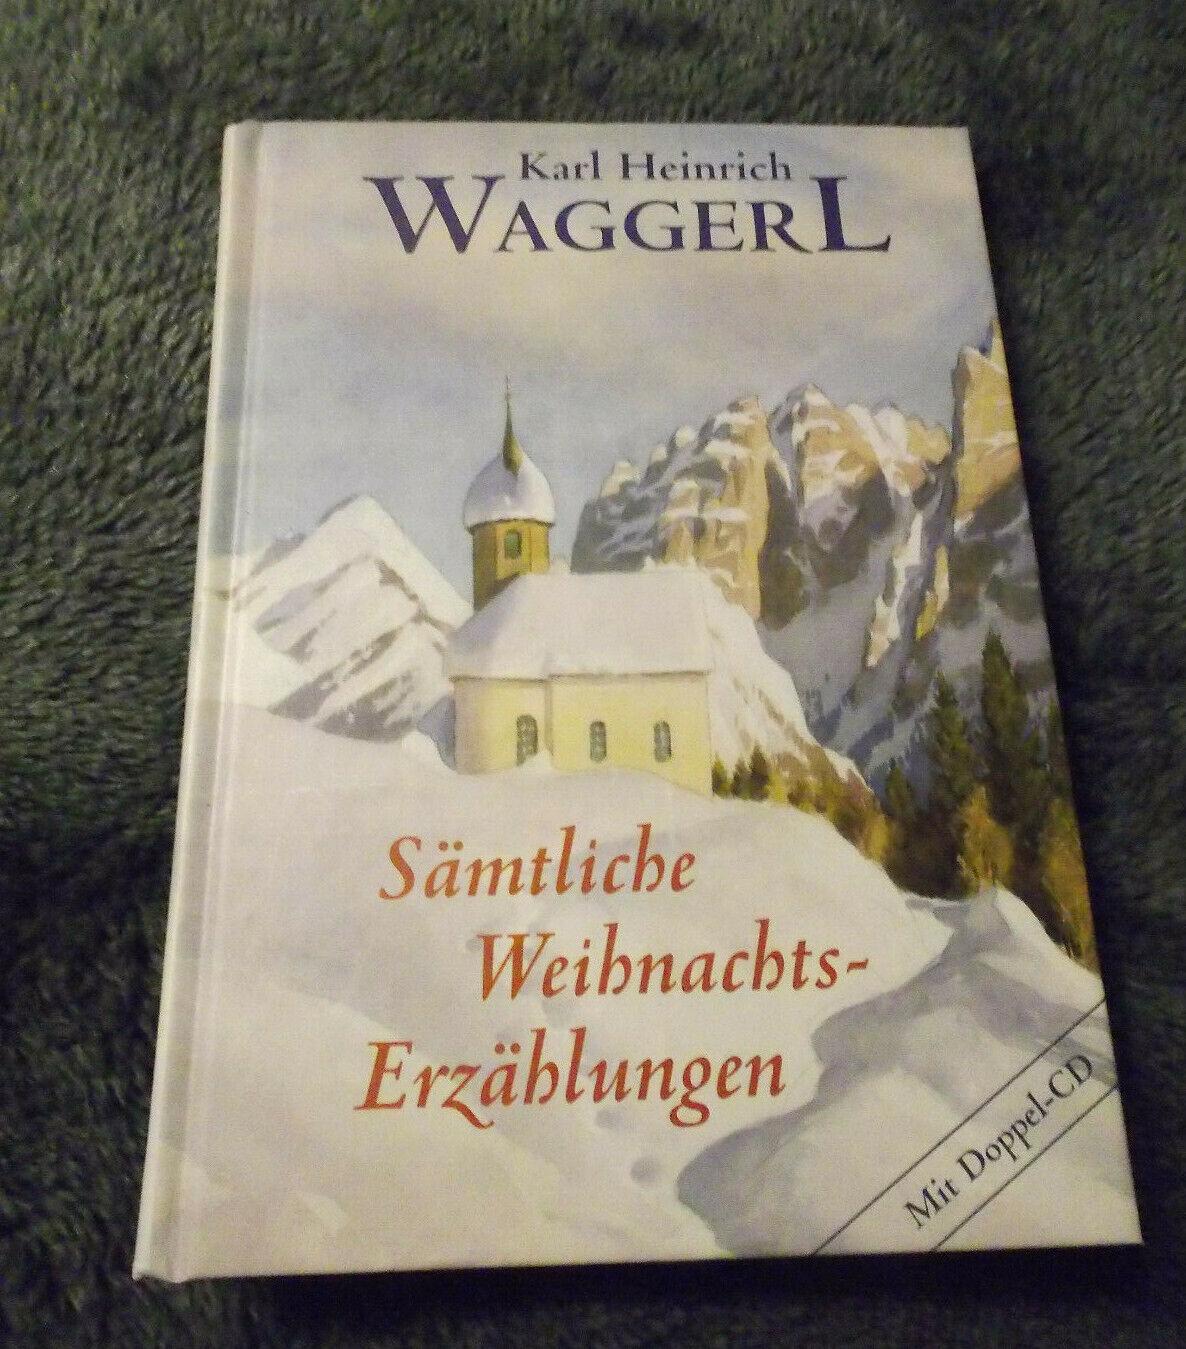 Sämtliche Weihnachts-Erzählungen - Karl Heinrich Waggerl